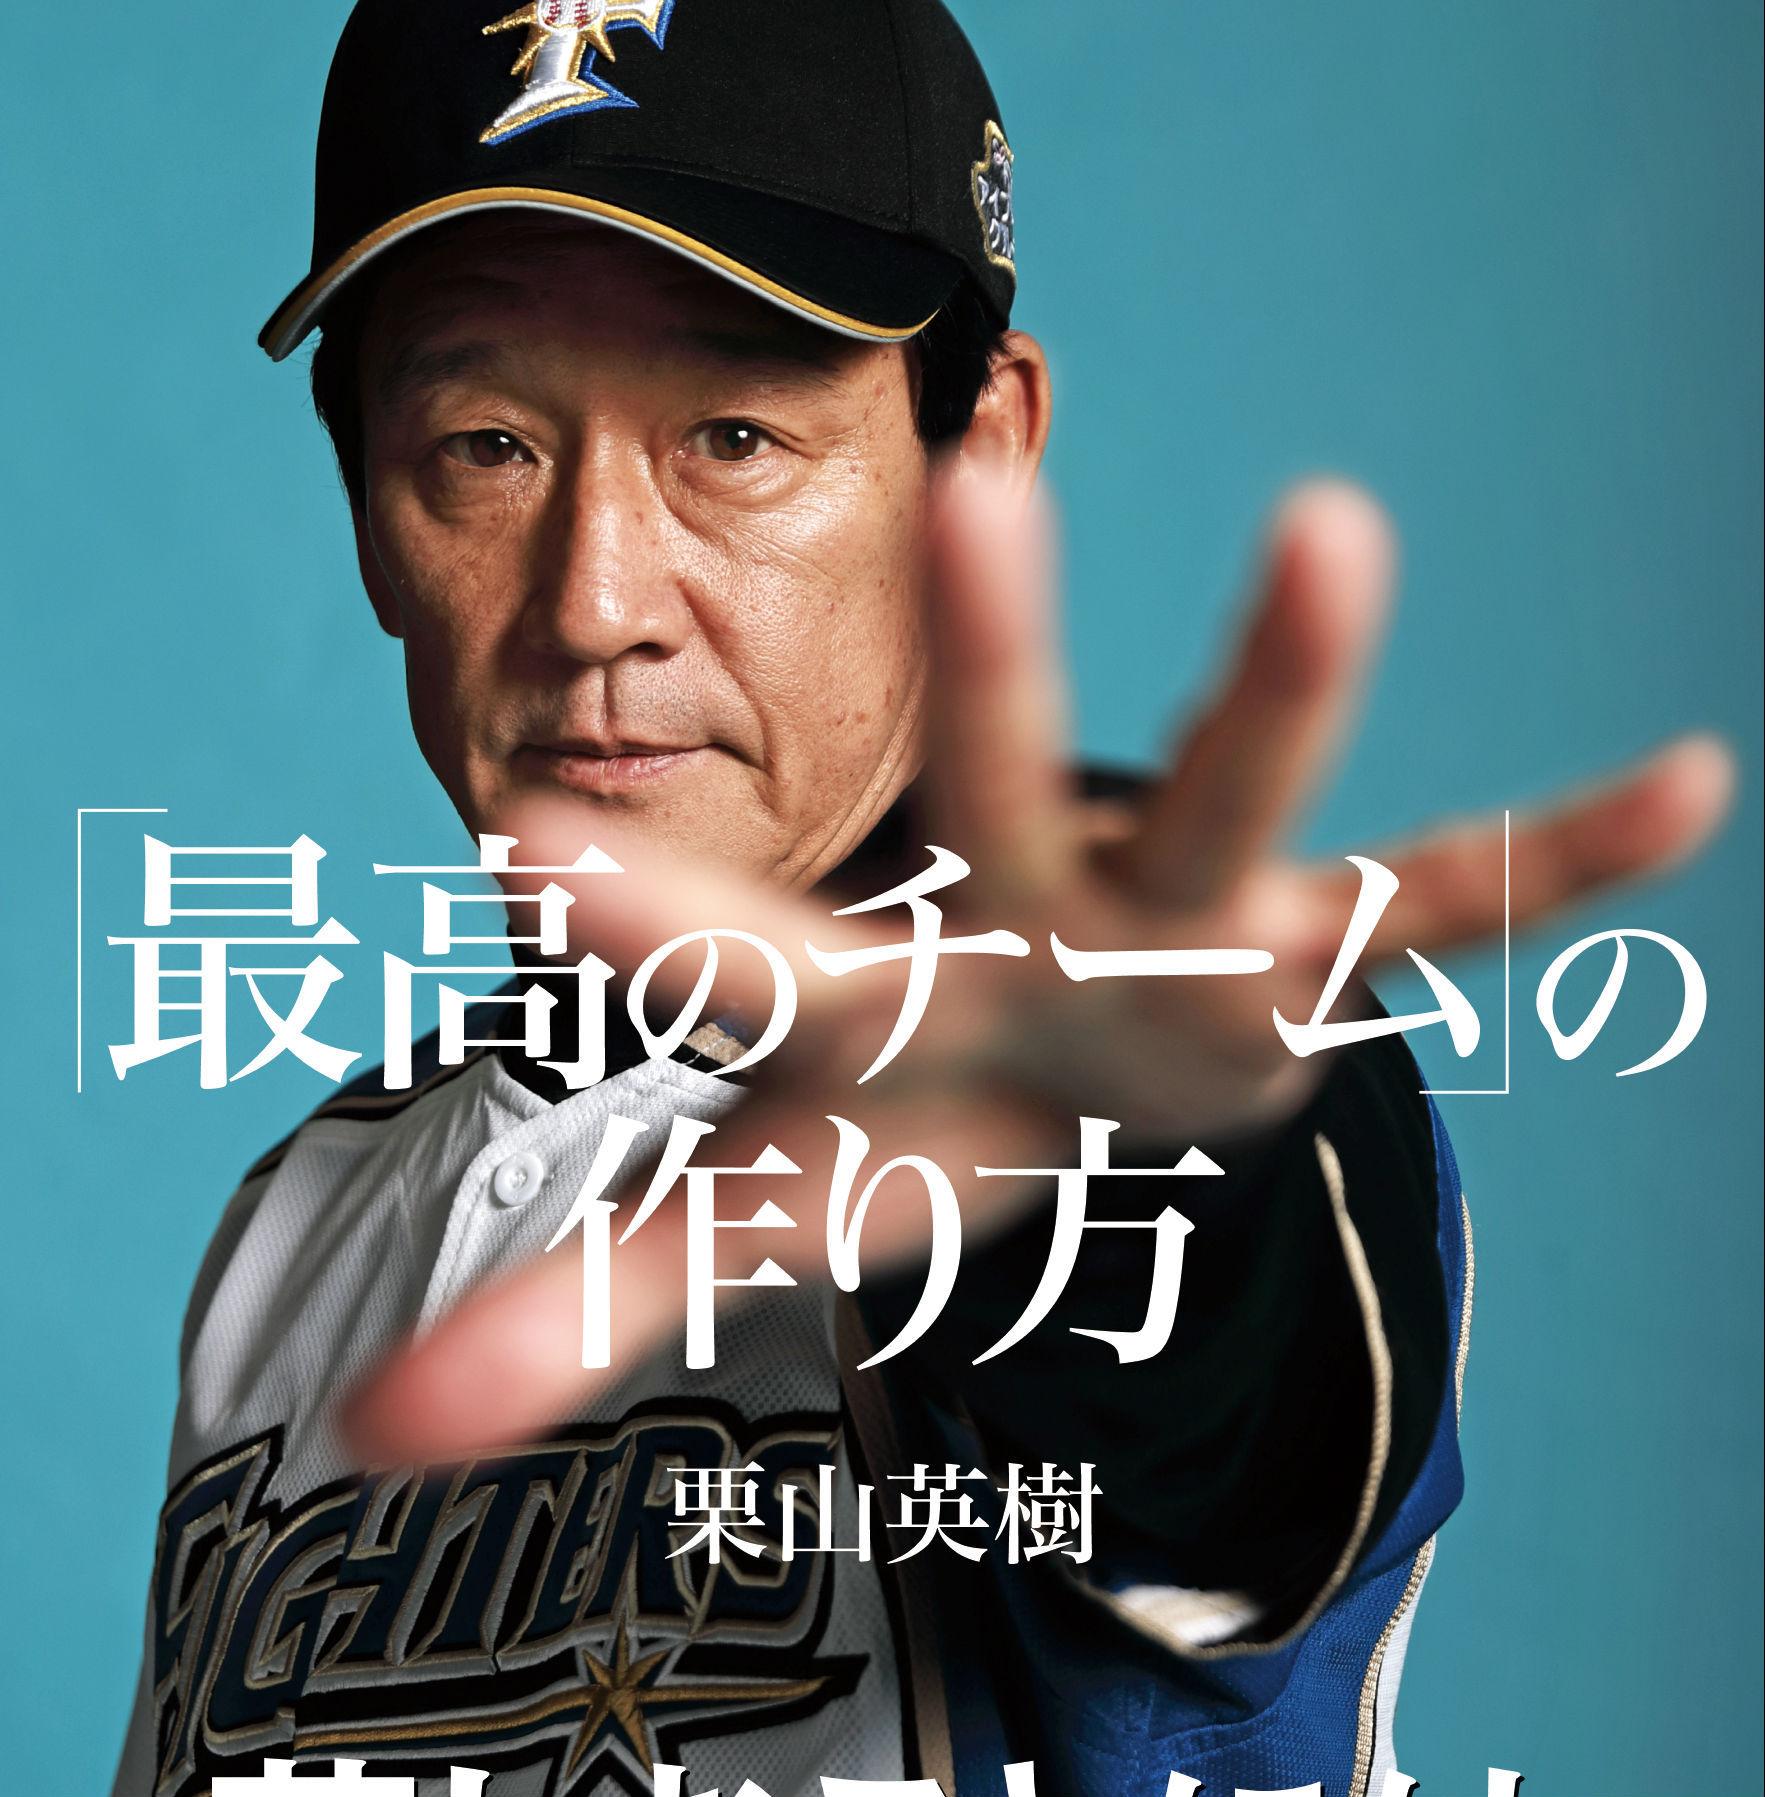 大谷翔平が監督室で返した「無言」の覚悟。日ハム・栗山監督が批判をバネに貫いた「二刀流」